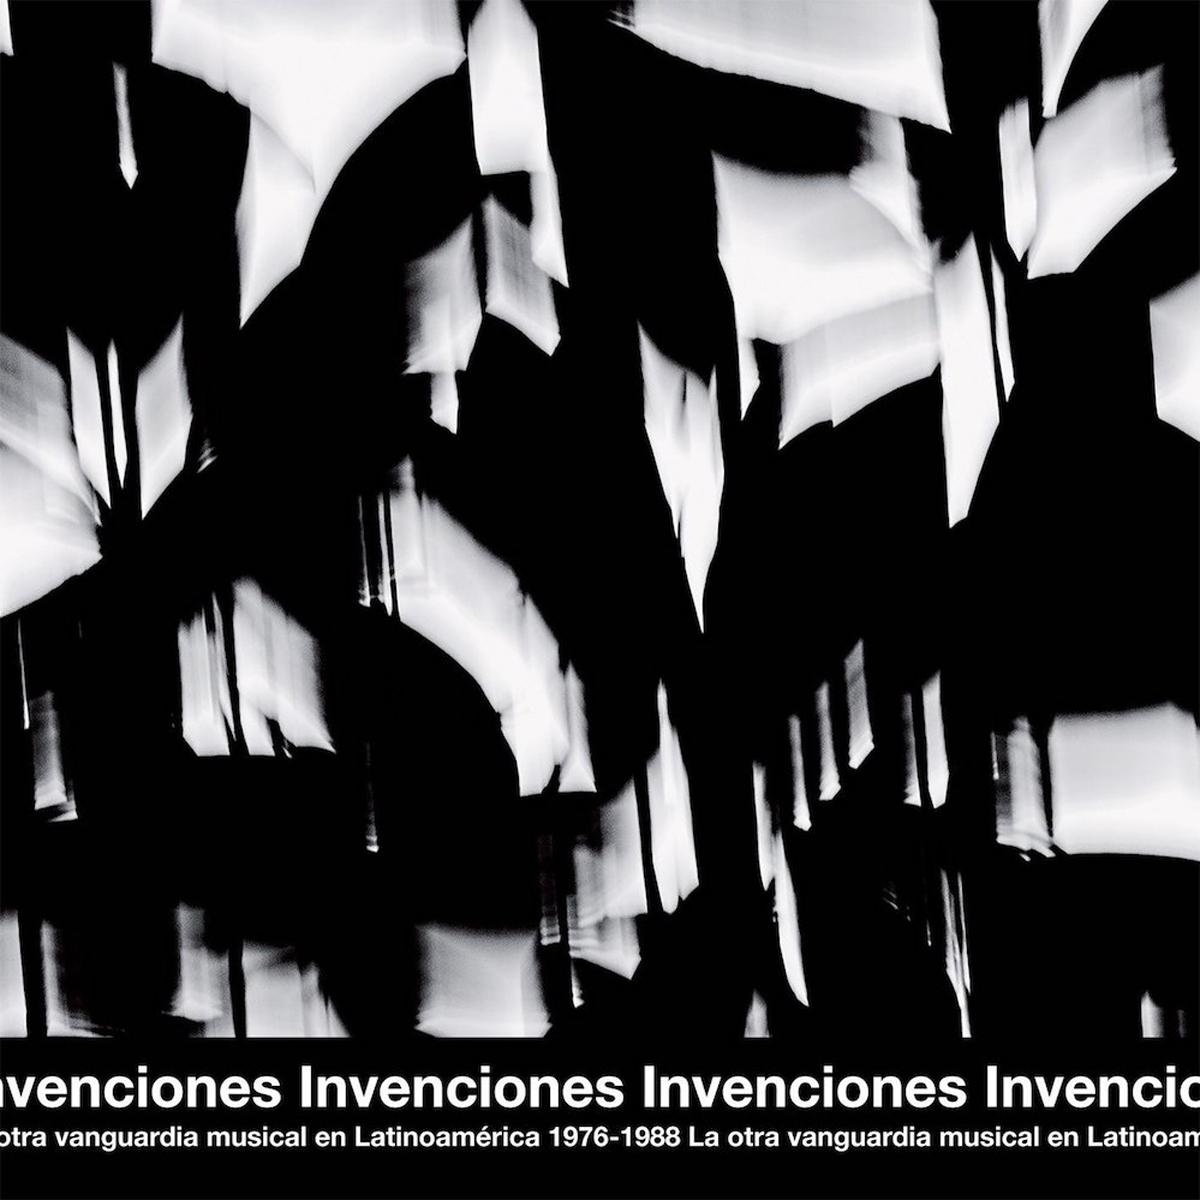 Various Artists Artists. Invenciones,La Otra Vanguardia Musica...1976-1988 (2CD)